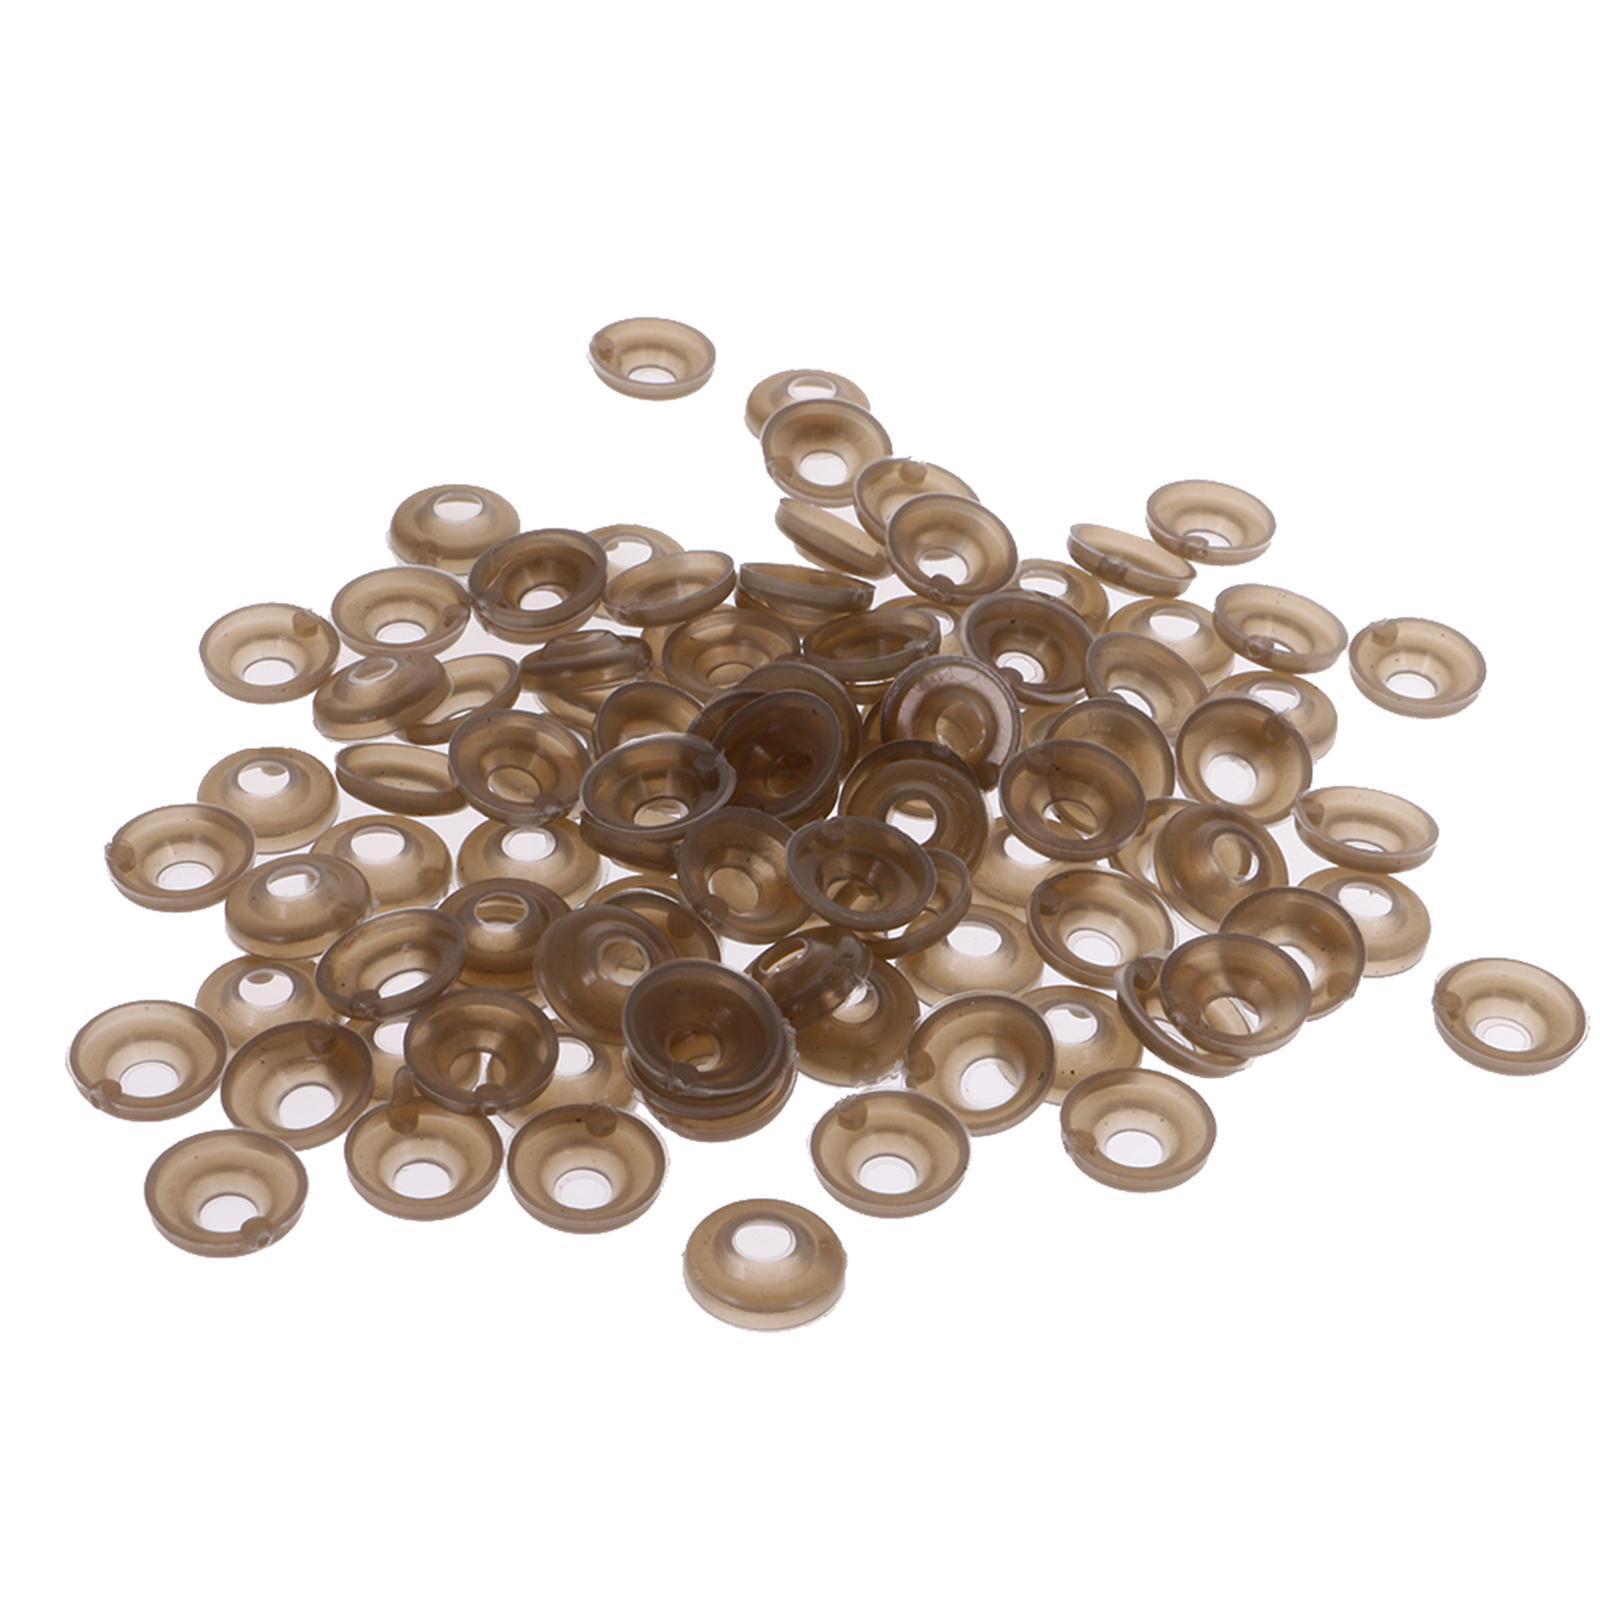 Yeux-de-Securite-Plastique-Plastique-Pour-DIY-Fabrication-Poupee-8-20mm-100Pcs miniature 30